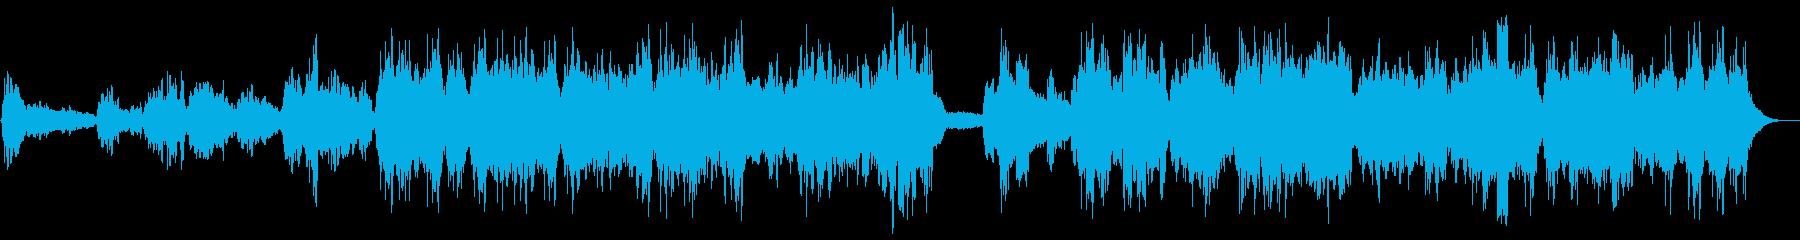 【神秘的な女性コーラス祈り(Full)】の再生済みの波形